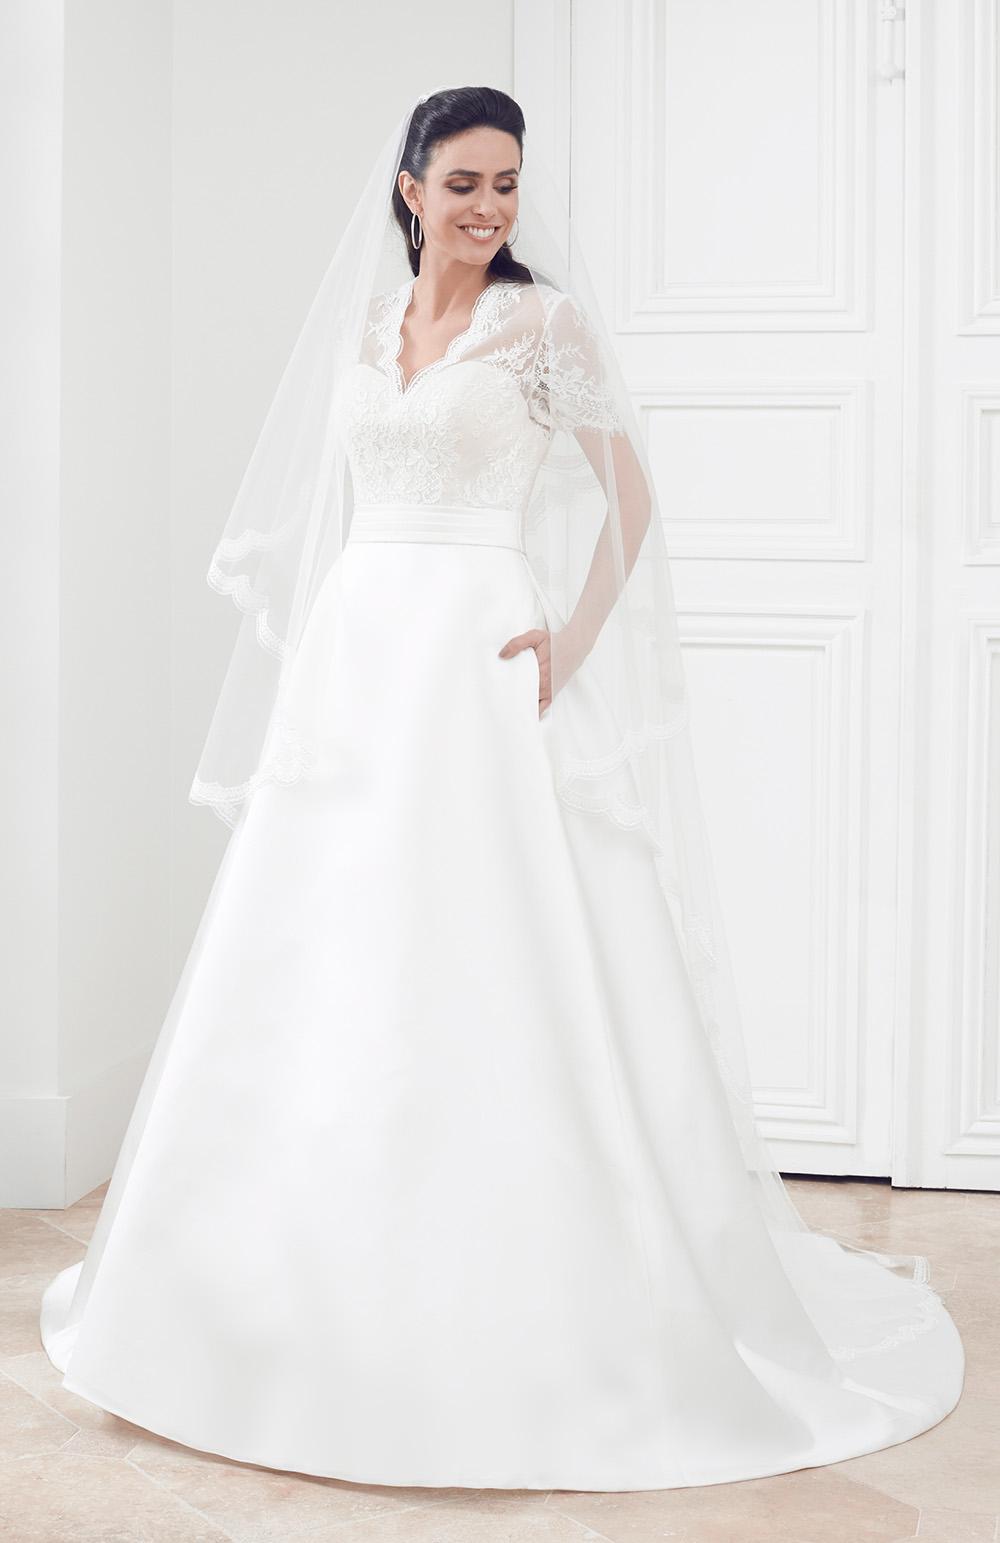 Robe de mariée Modèle Oyana